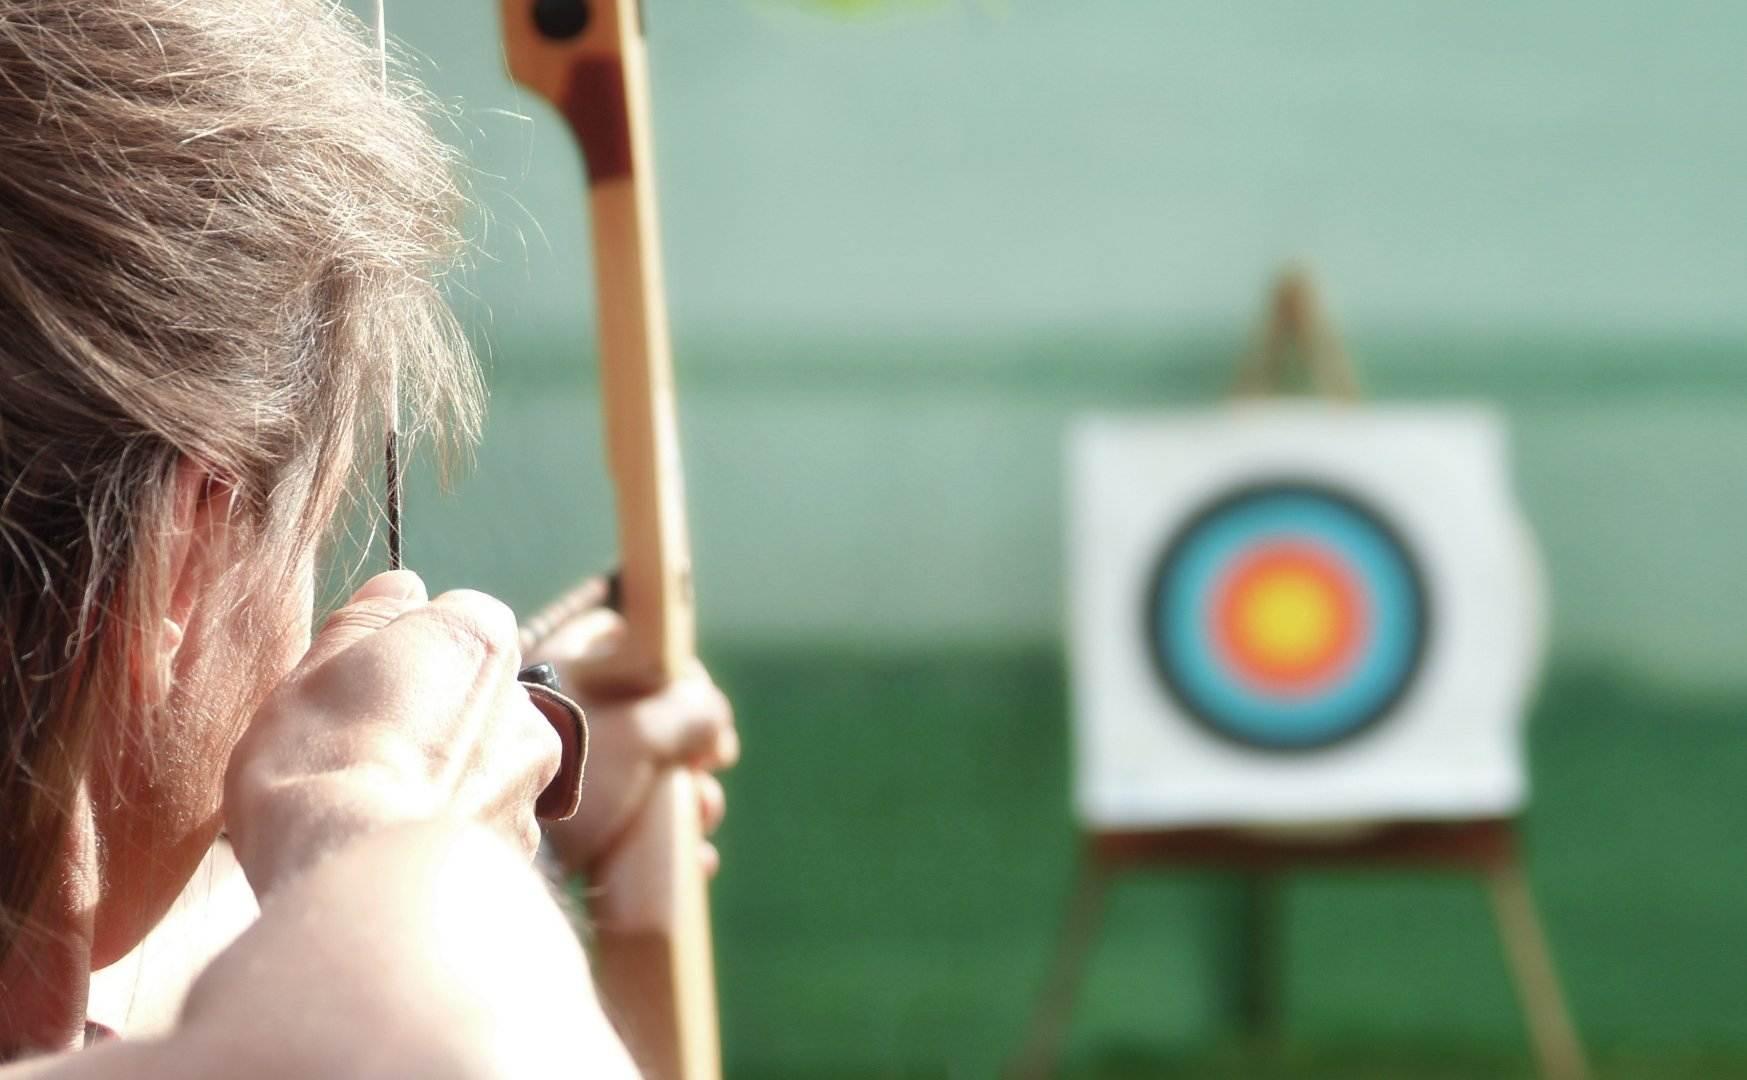 Mujer apuntando a una diana con un arco.